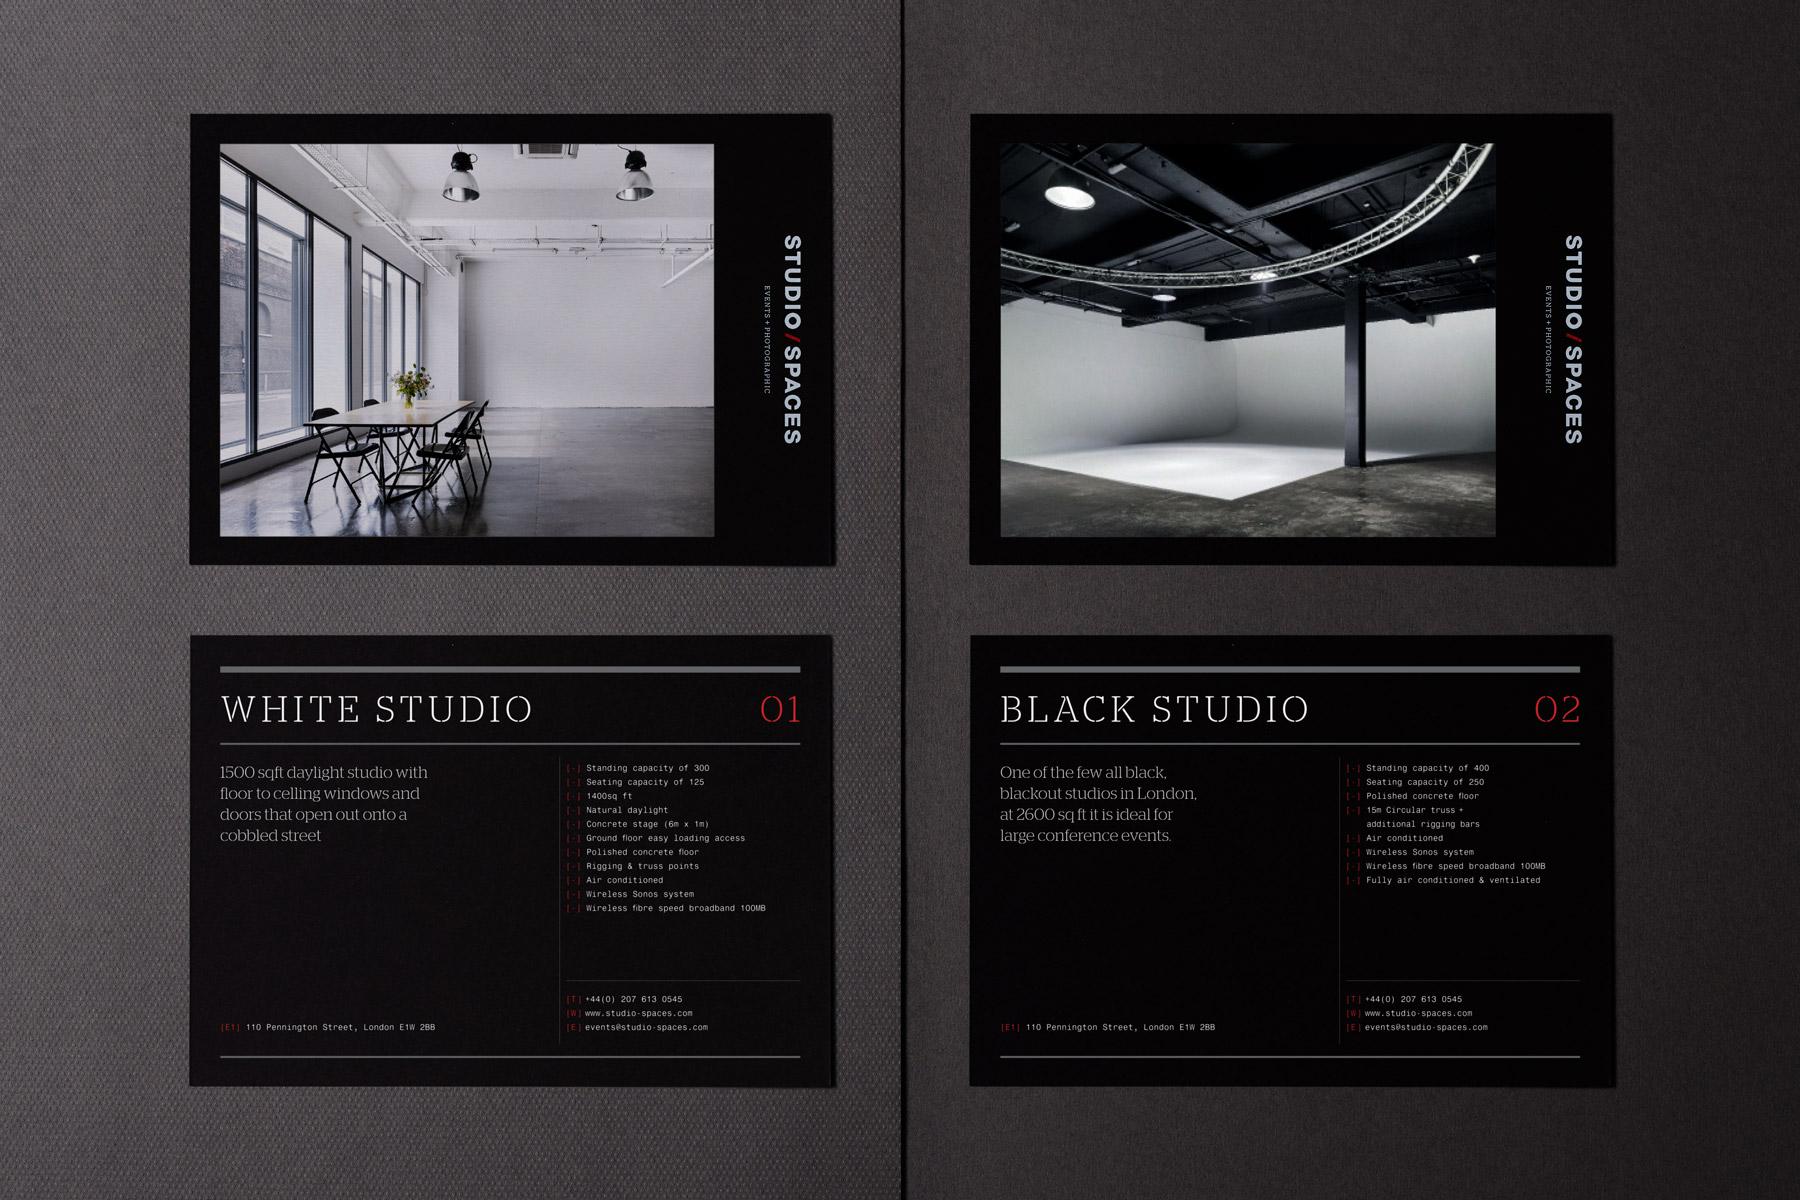 Studio Spaces – Studio AS-CC